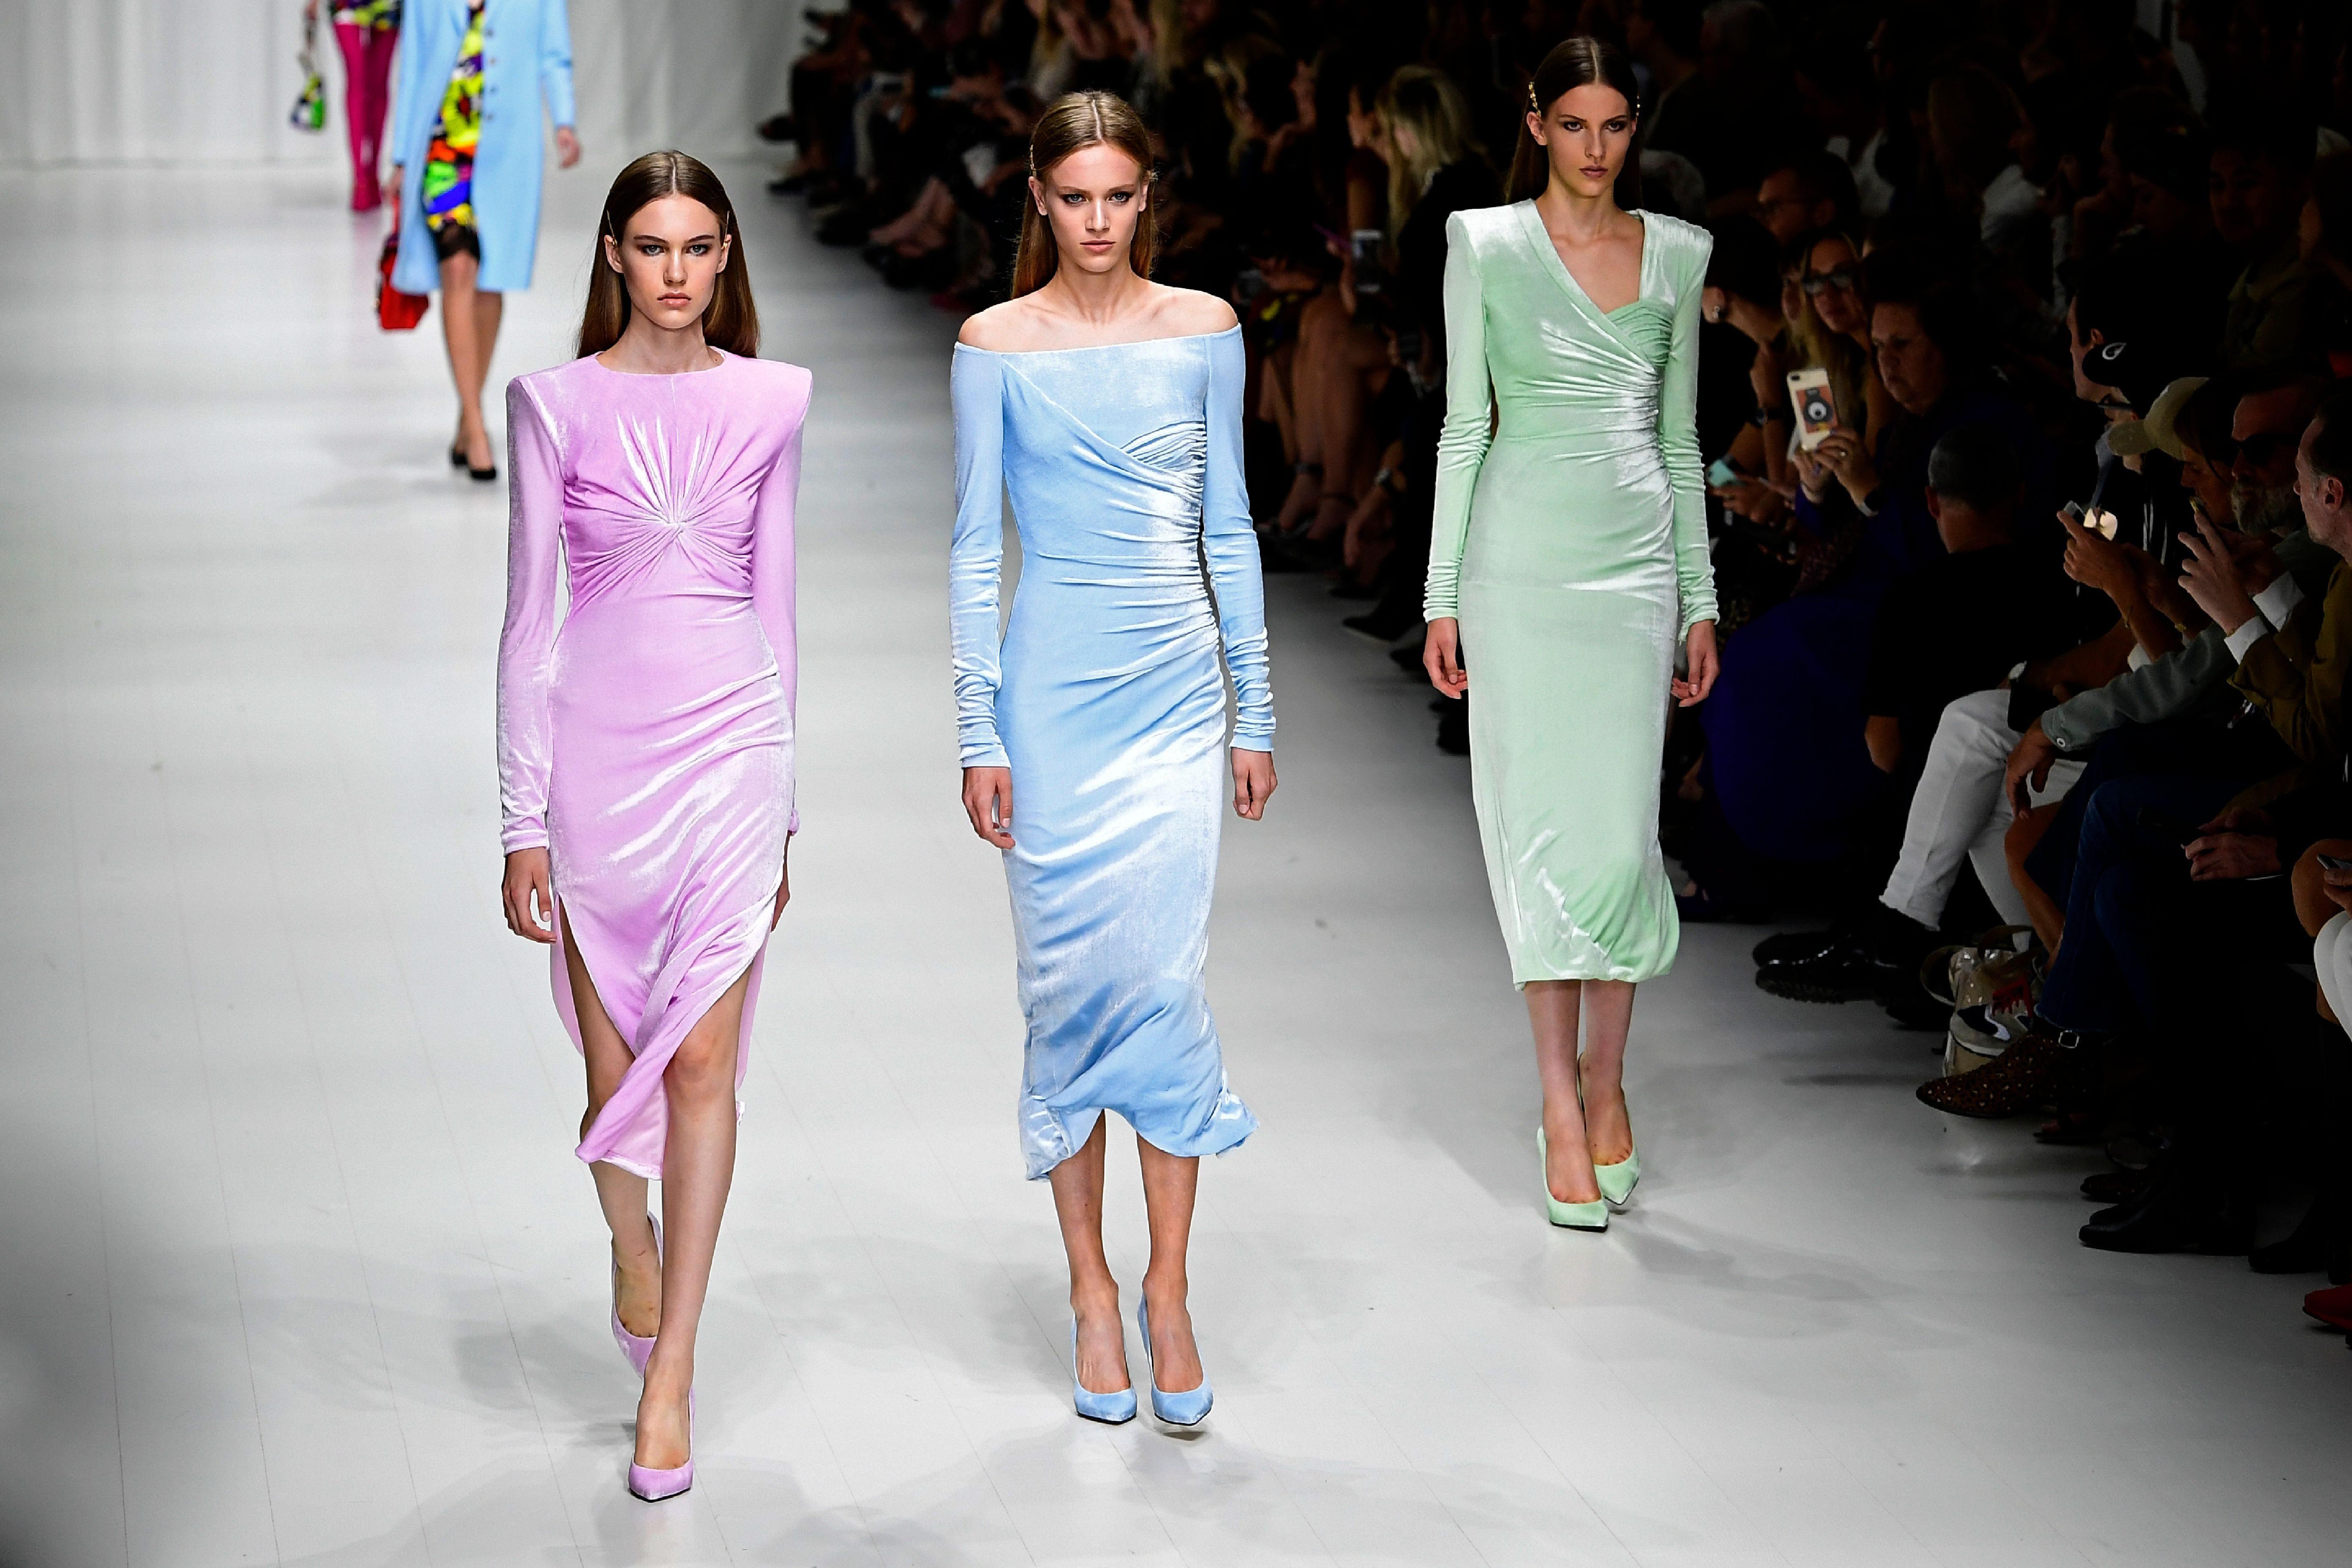 d1e766481263 Colori di moda  7 tonalità trendy per l estate 2018